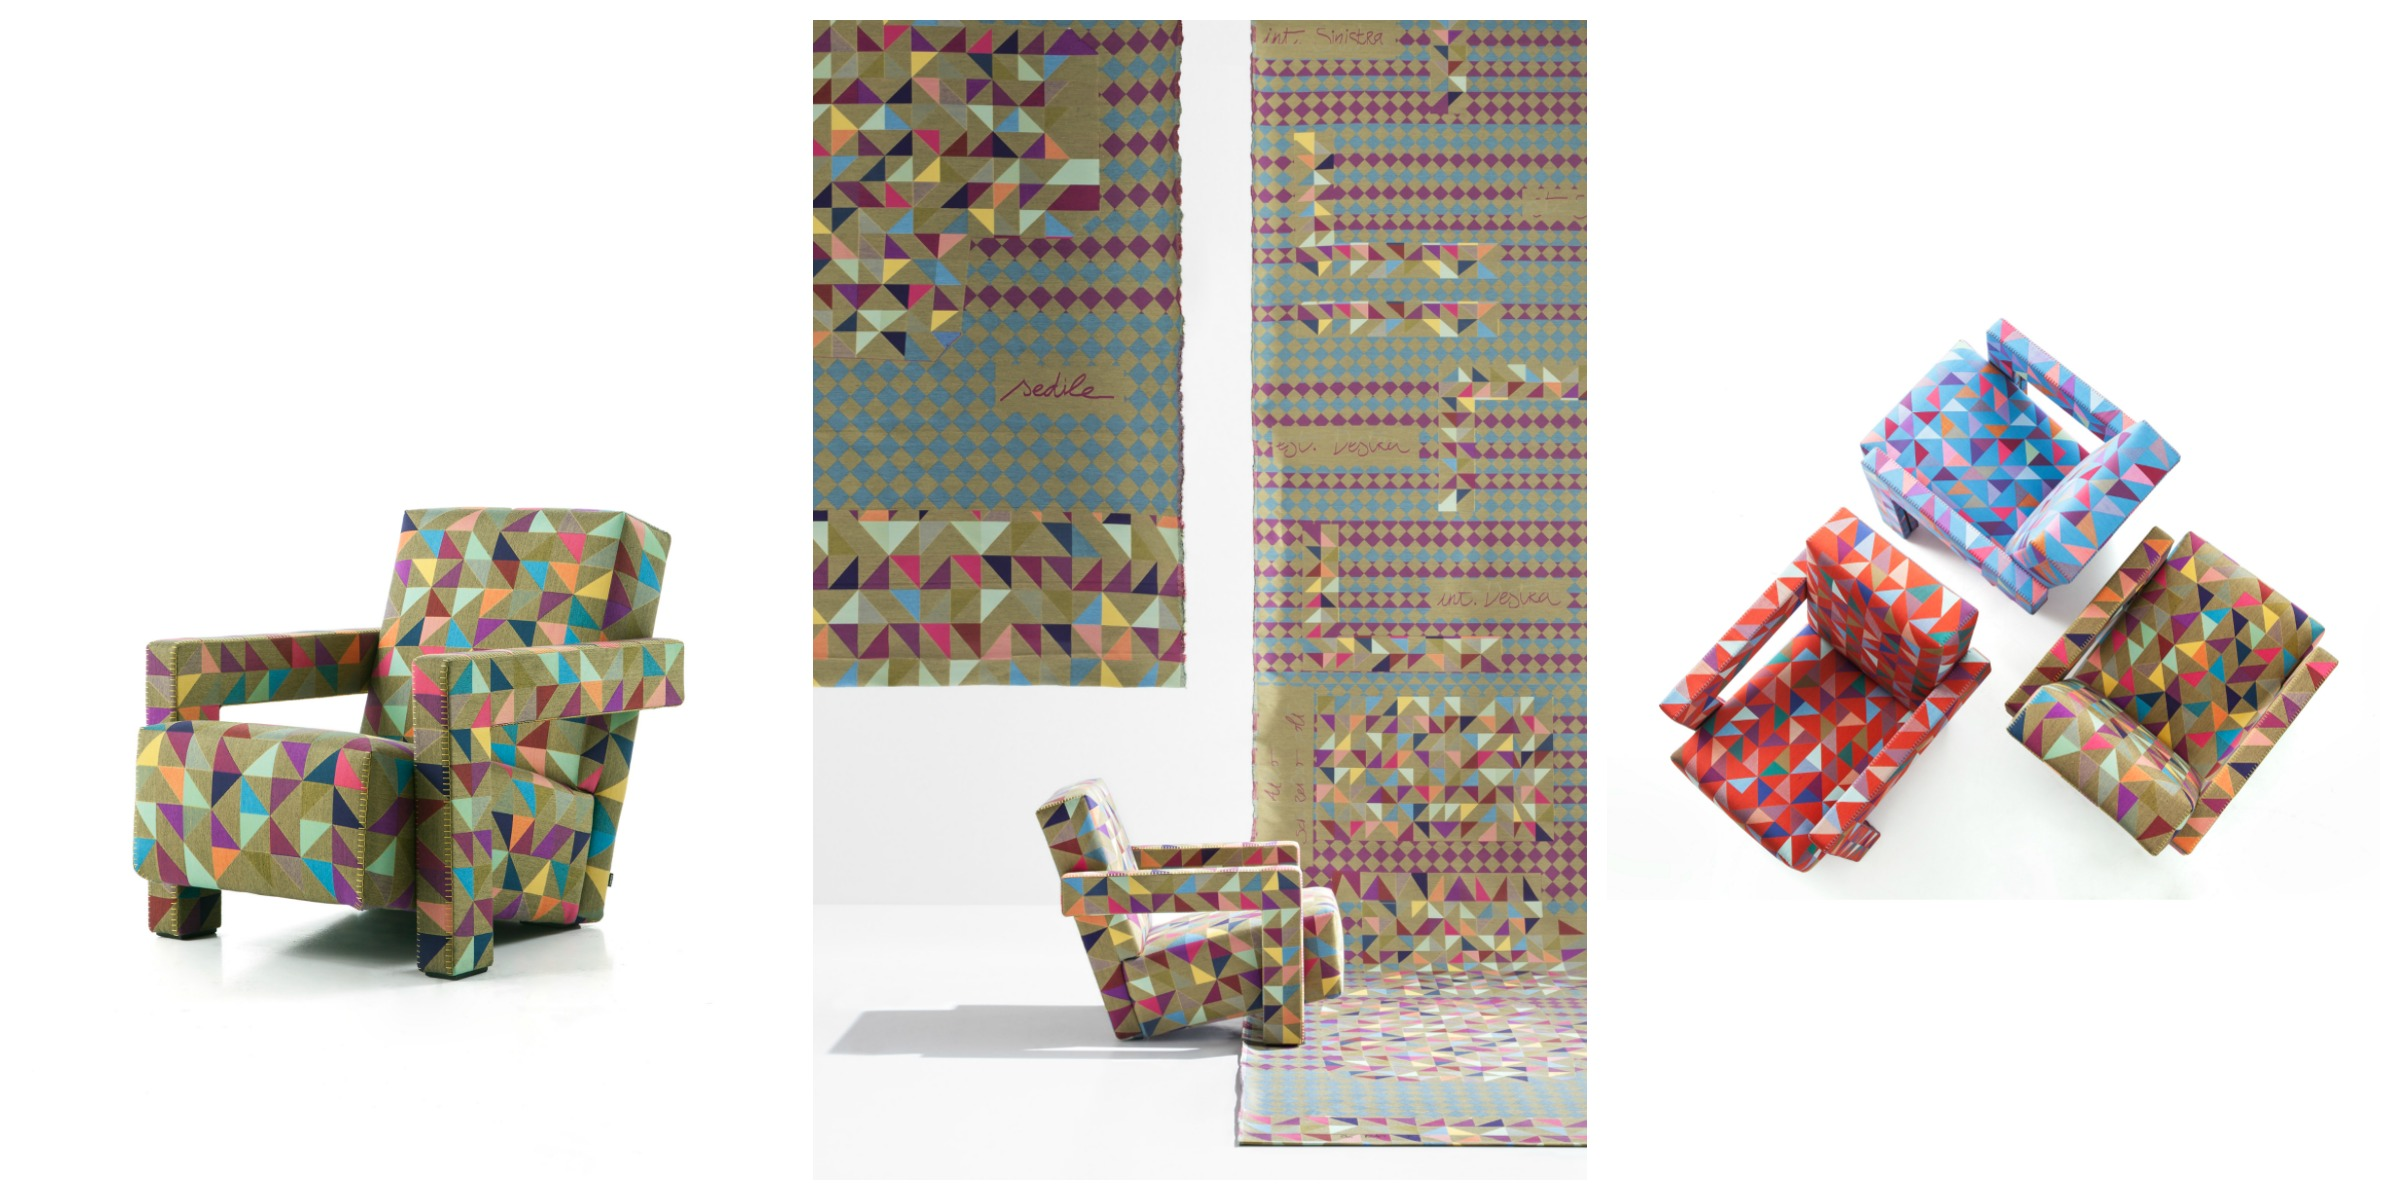 Le proposte dei designer al salone del mobile per Cassina